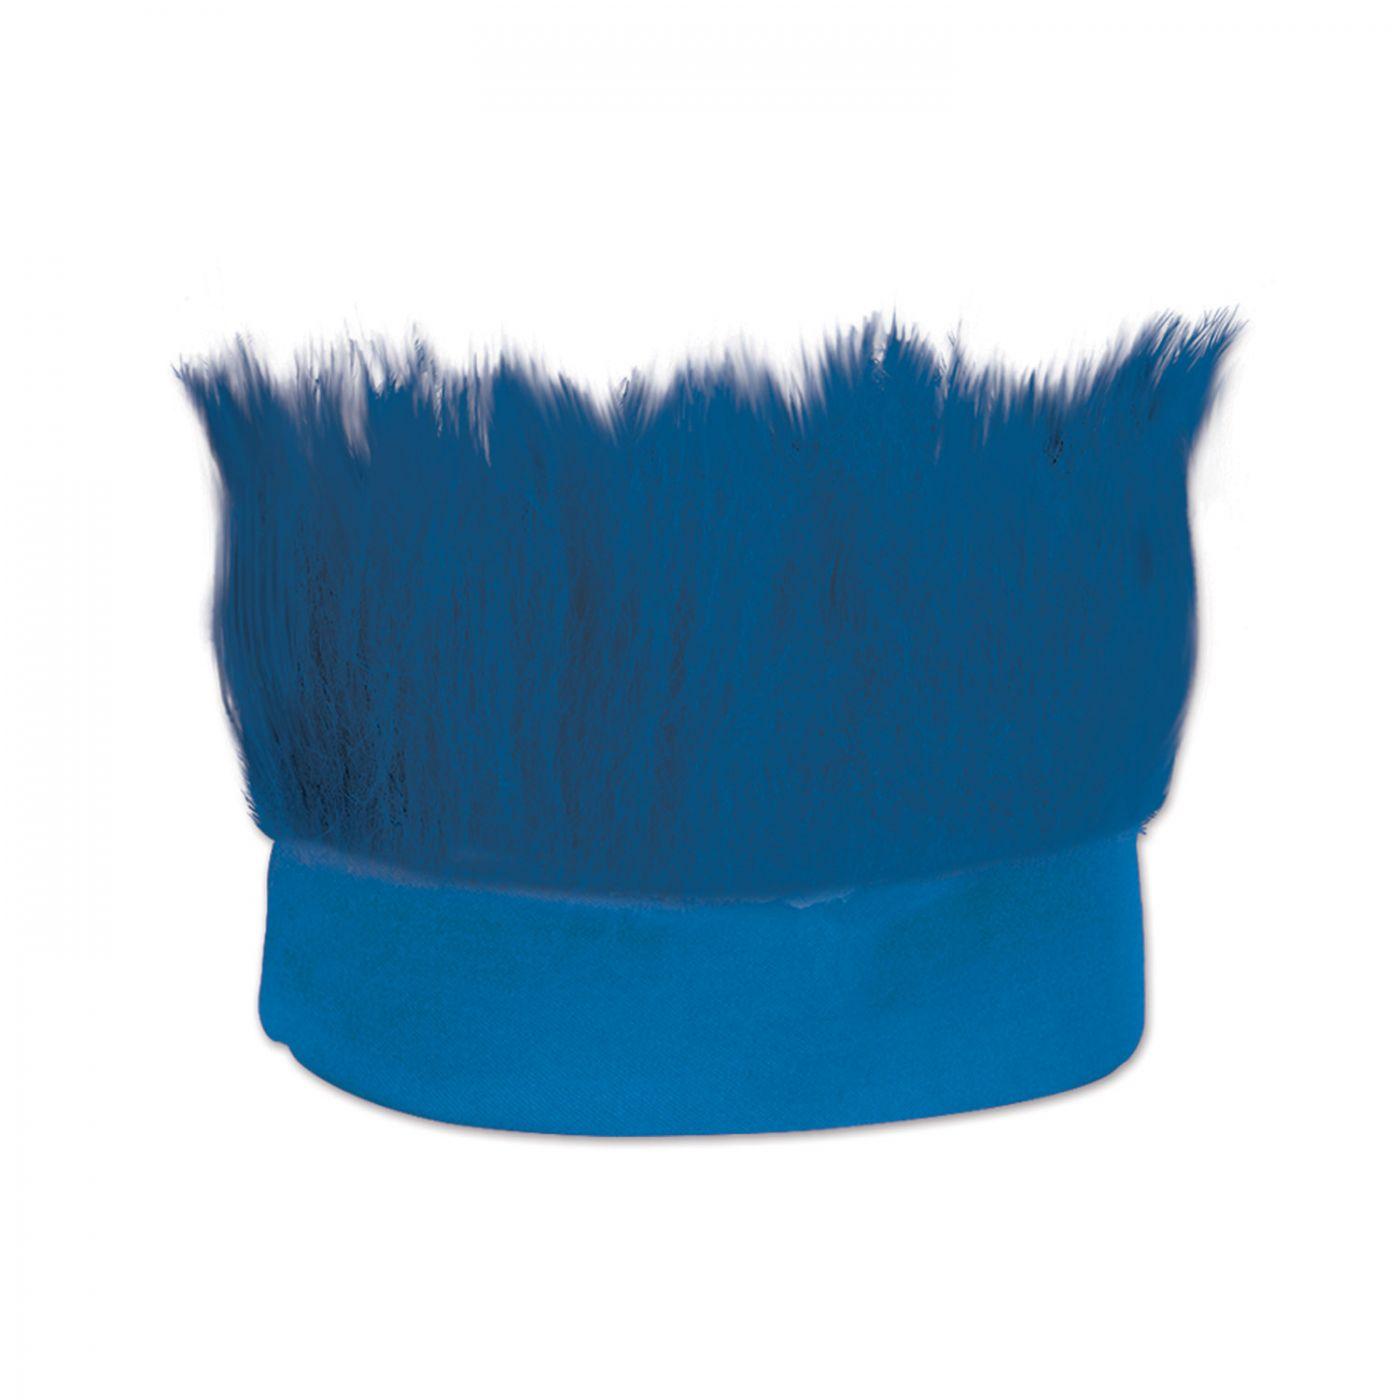 Hairy Headband image